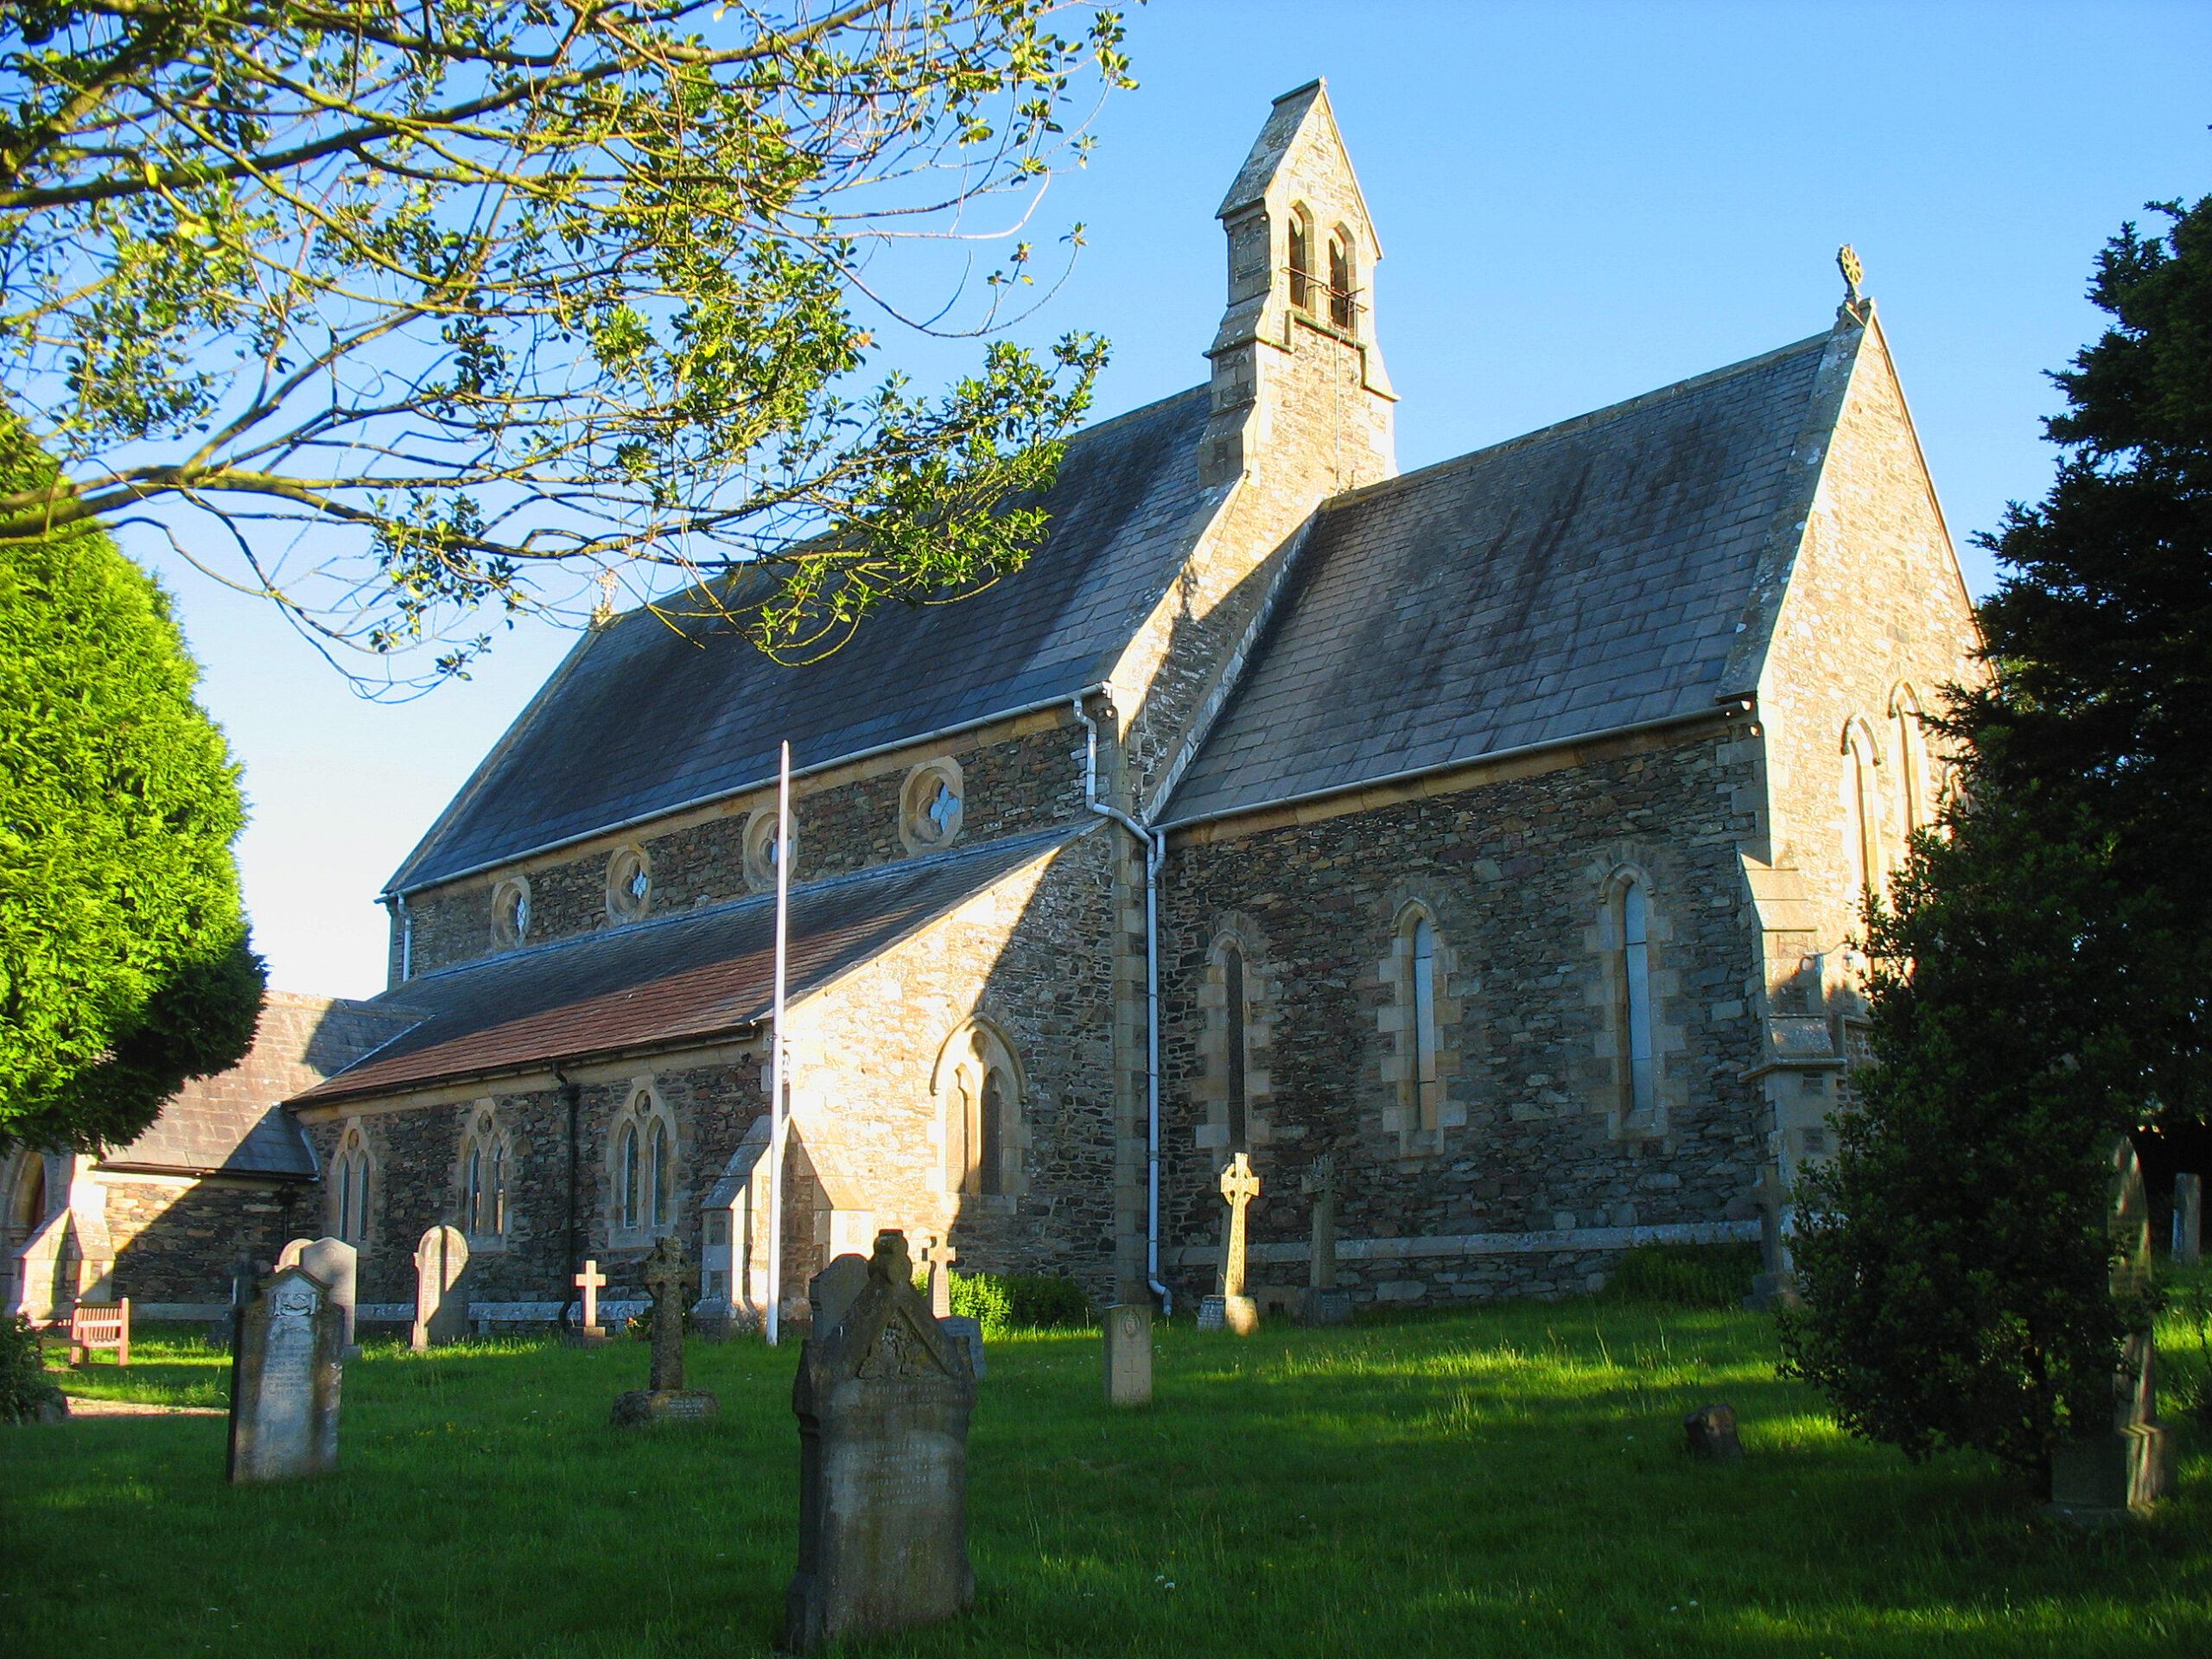 St. Annes Church and churchyard